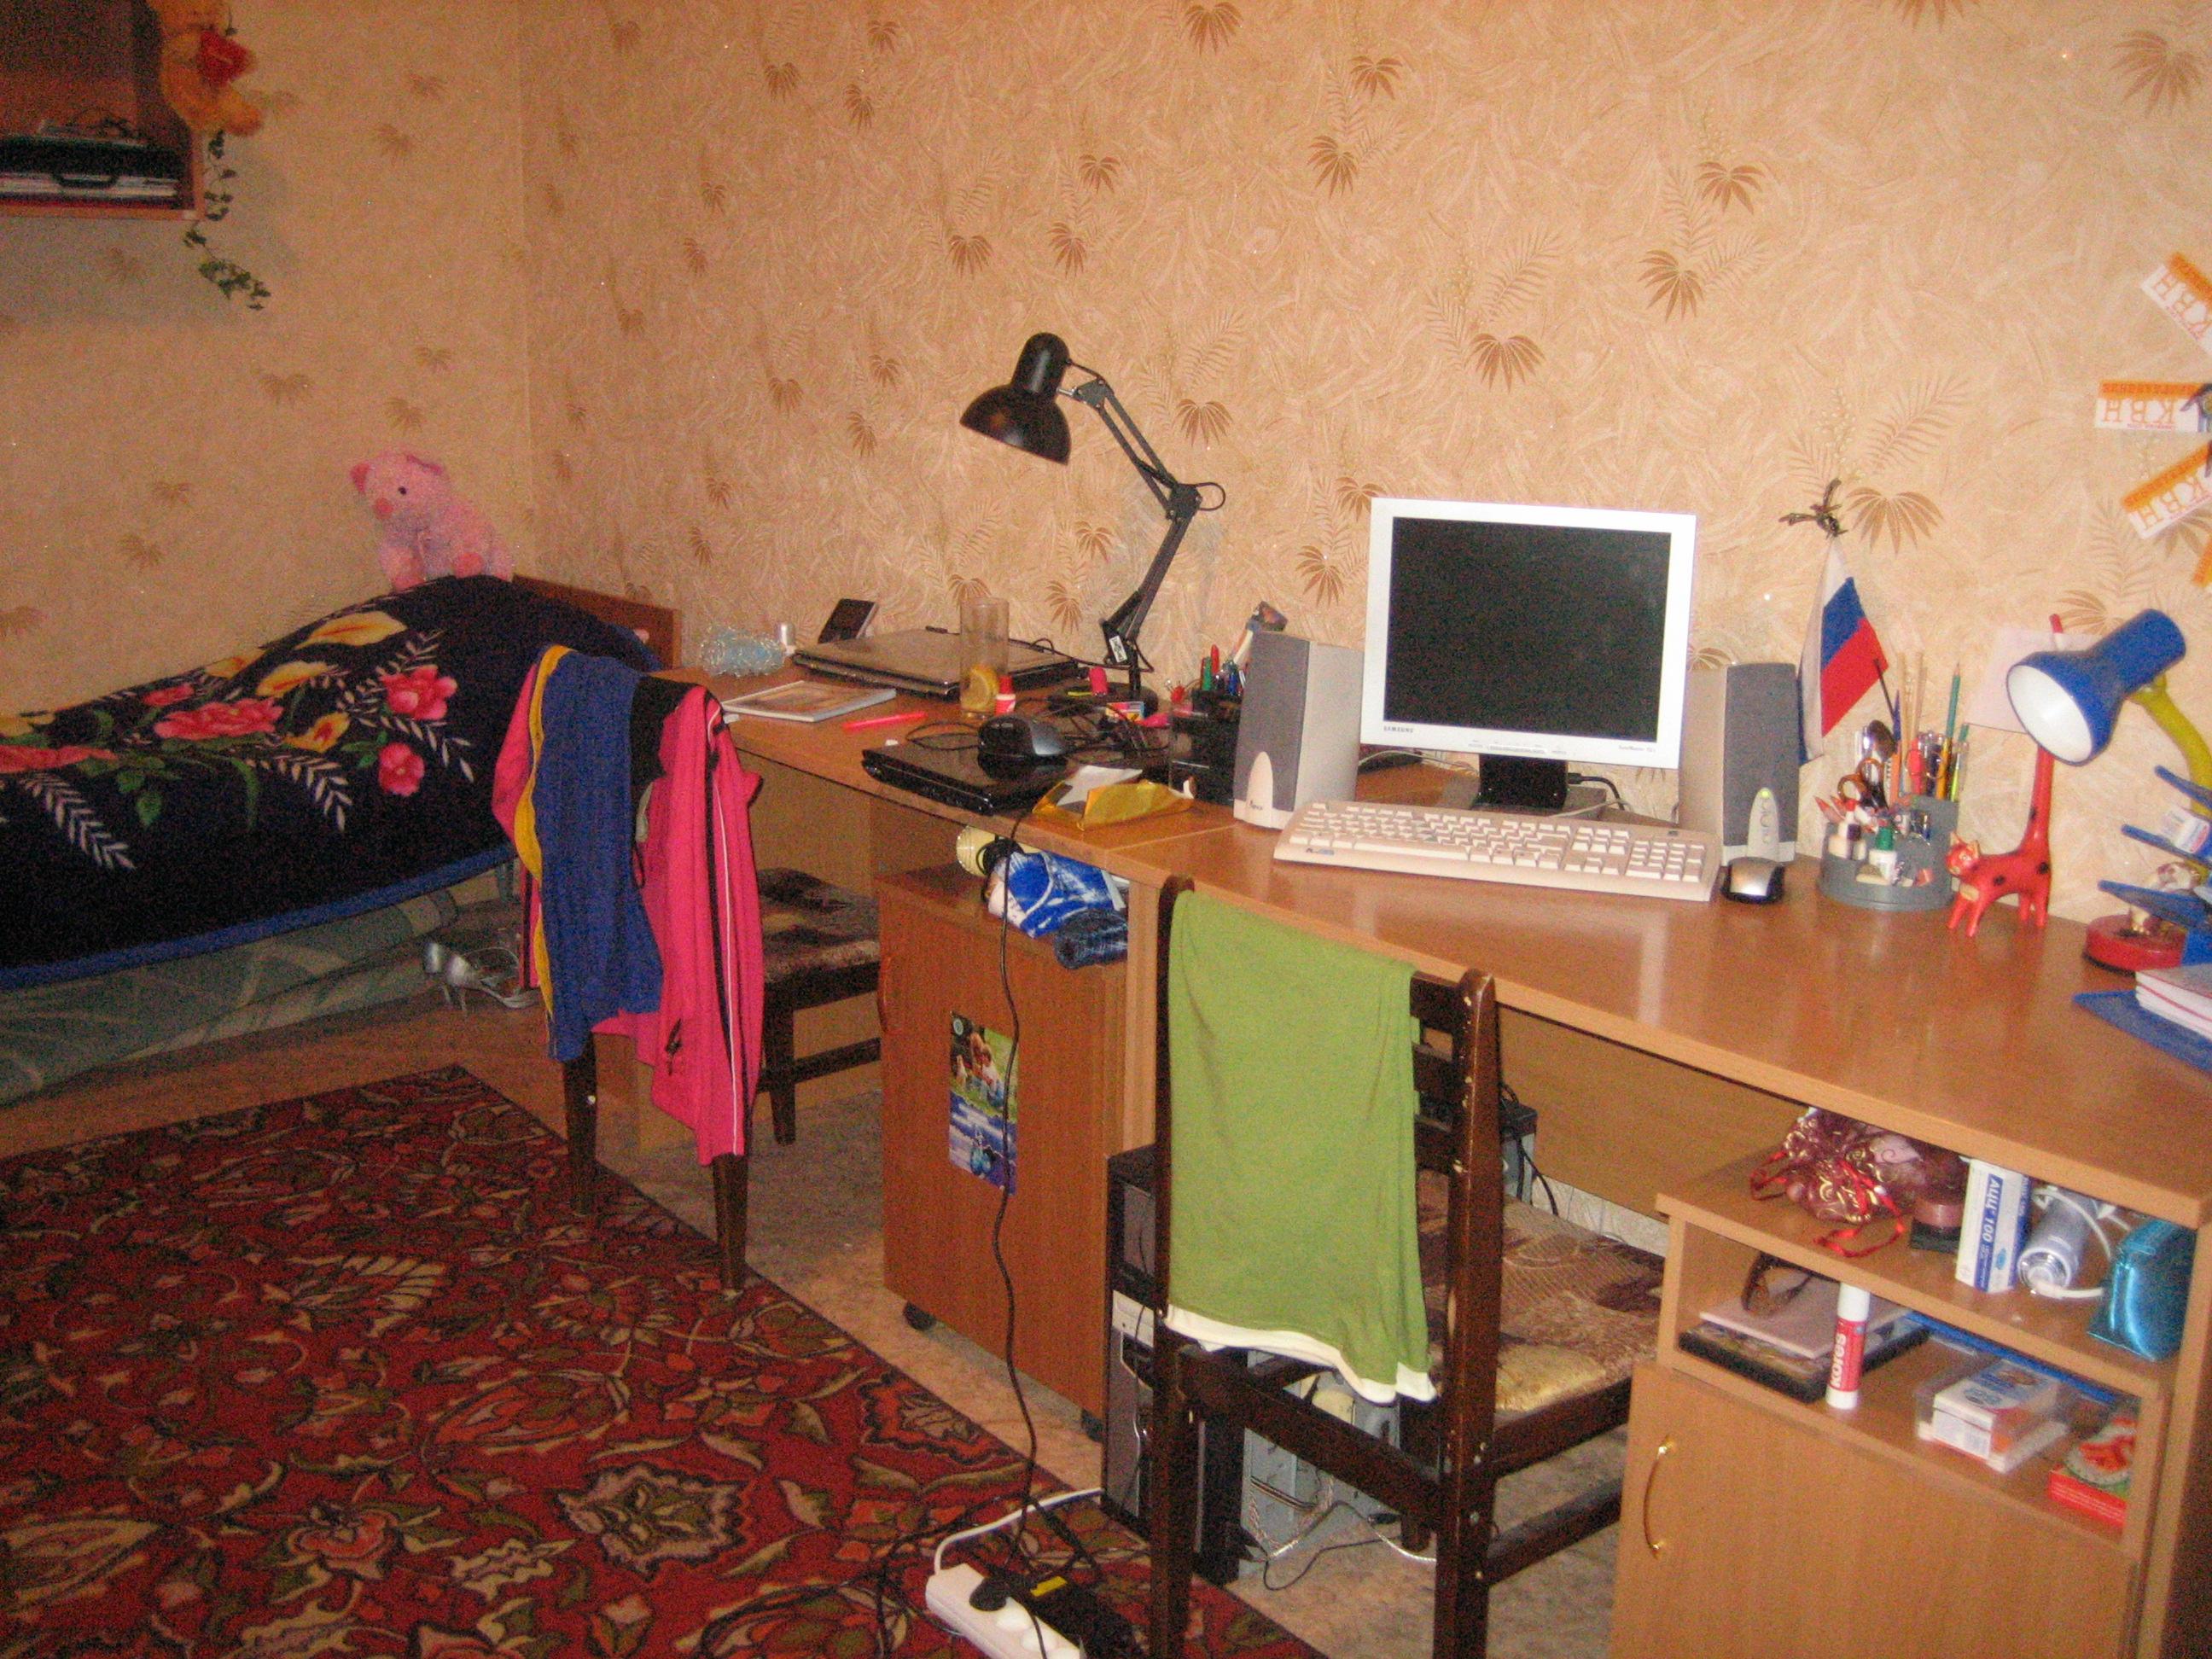 Фото в студенческой общаге 13 фотография